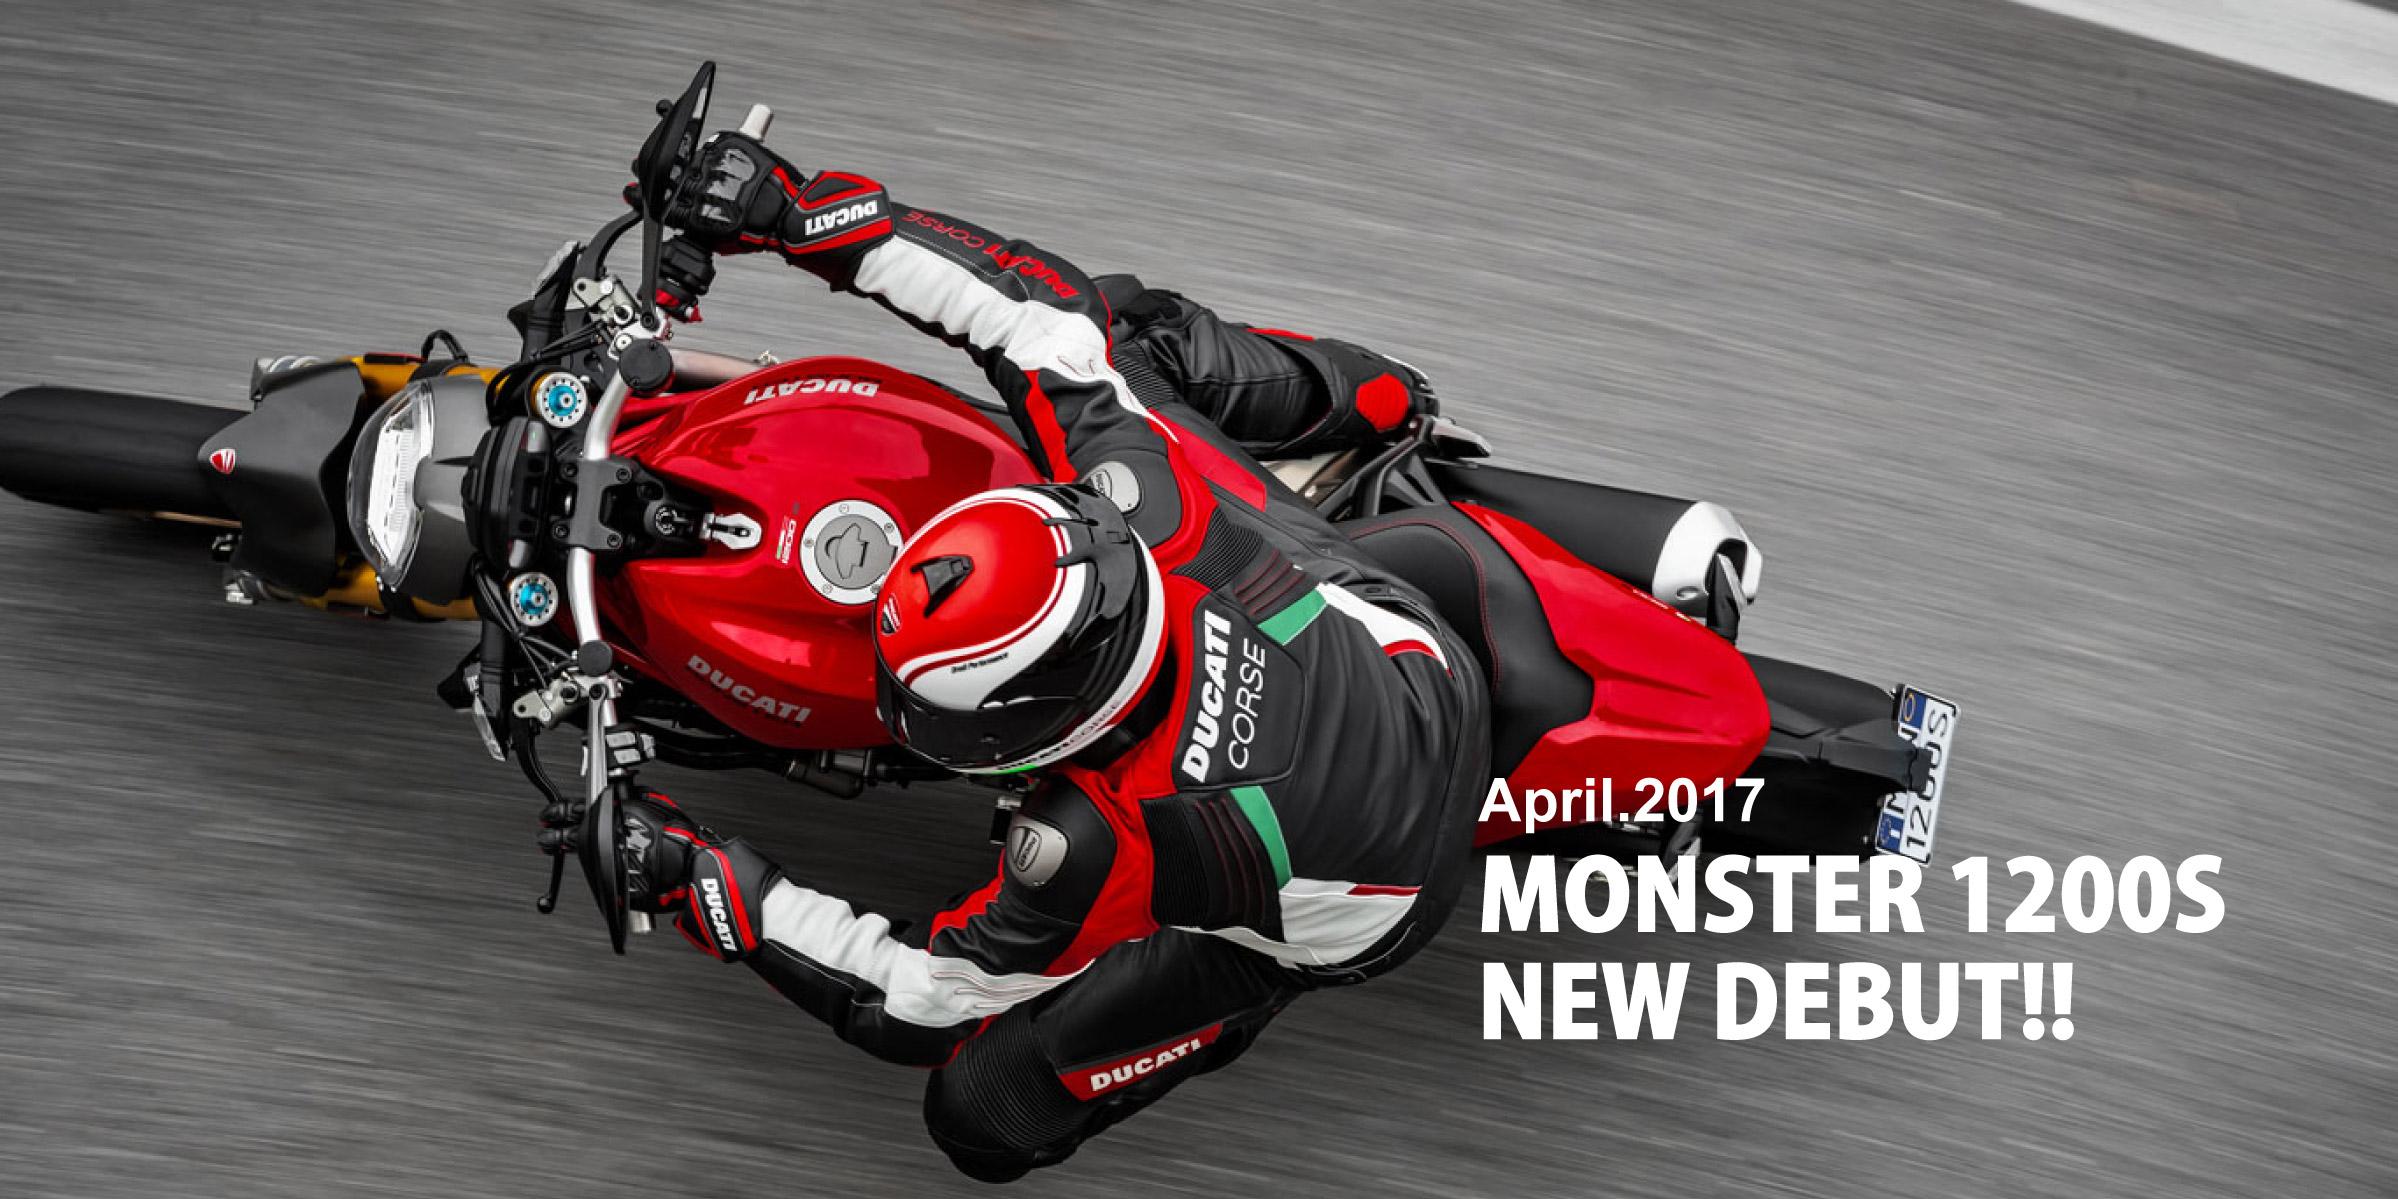 Monster1200sデビュー